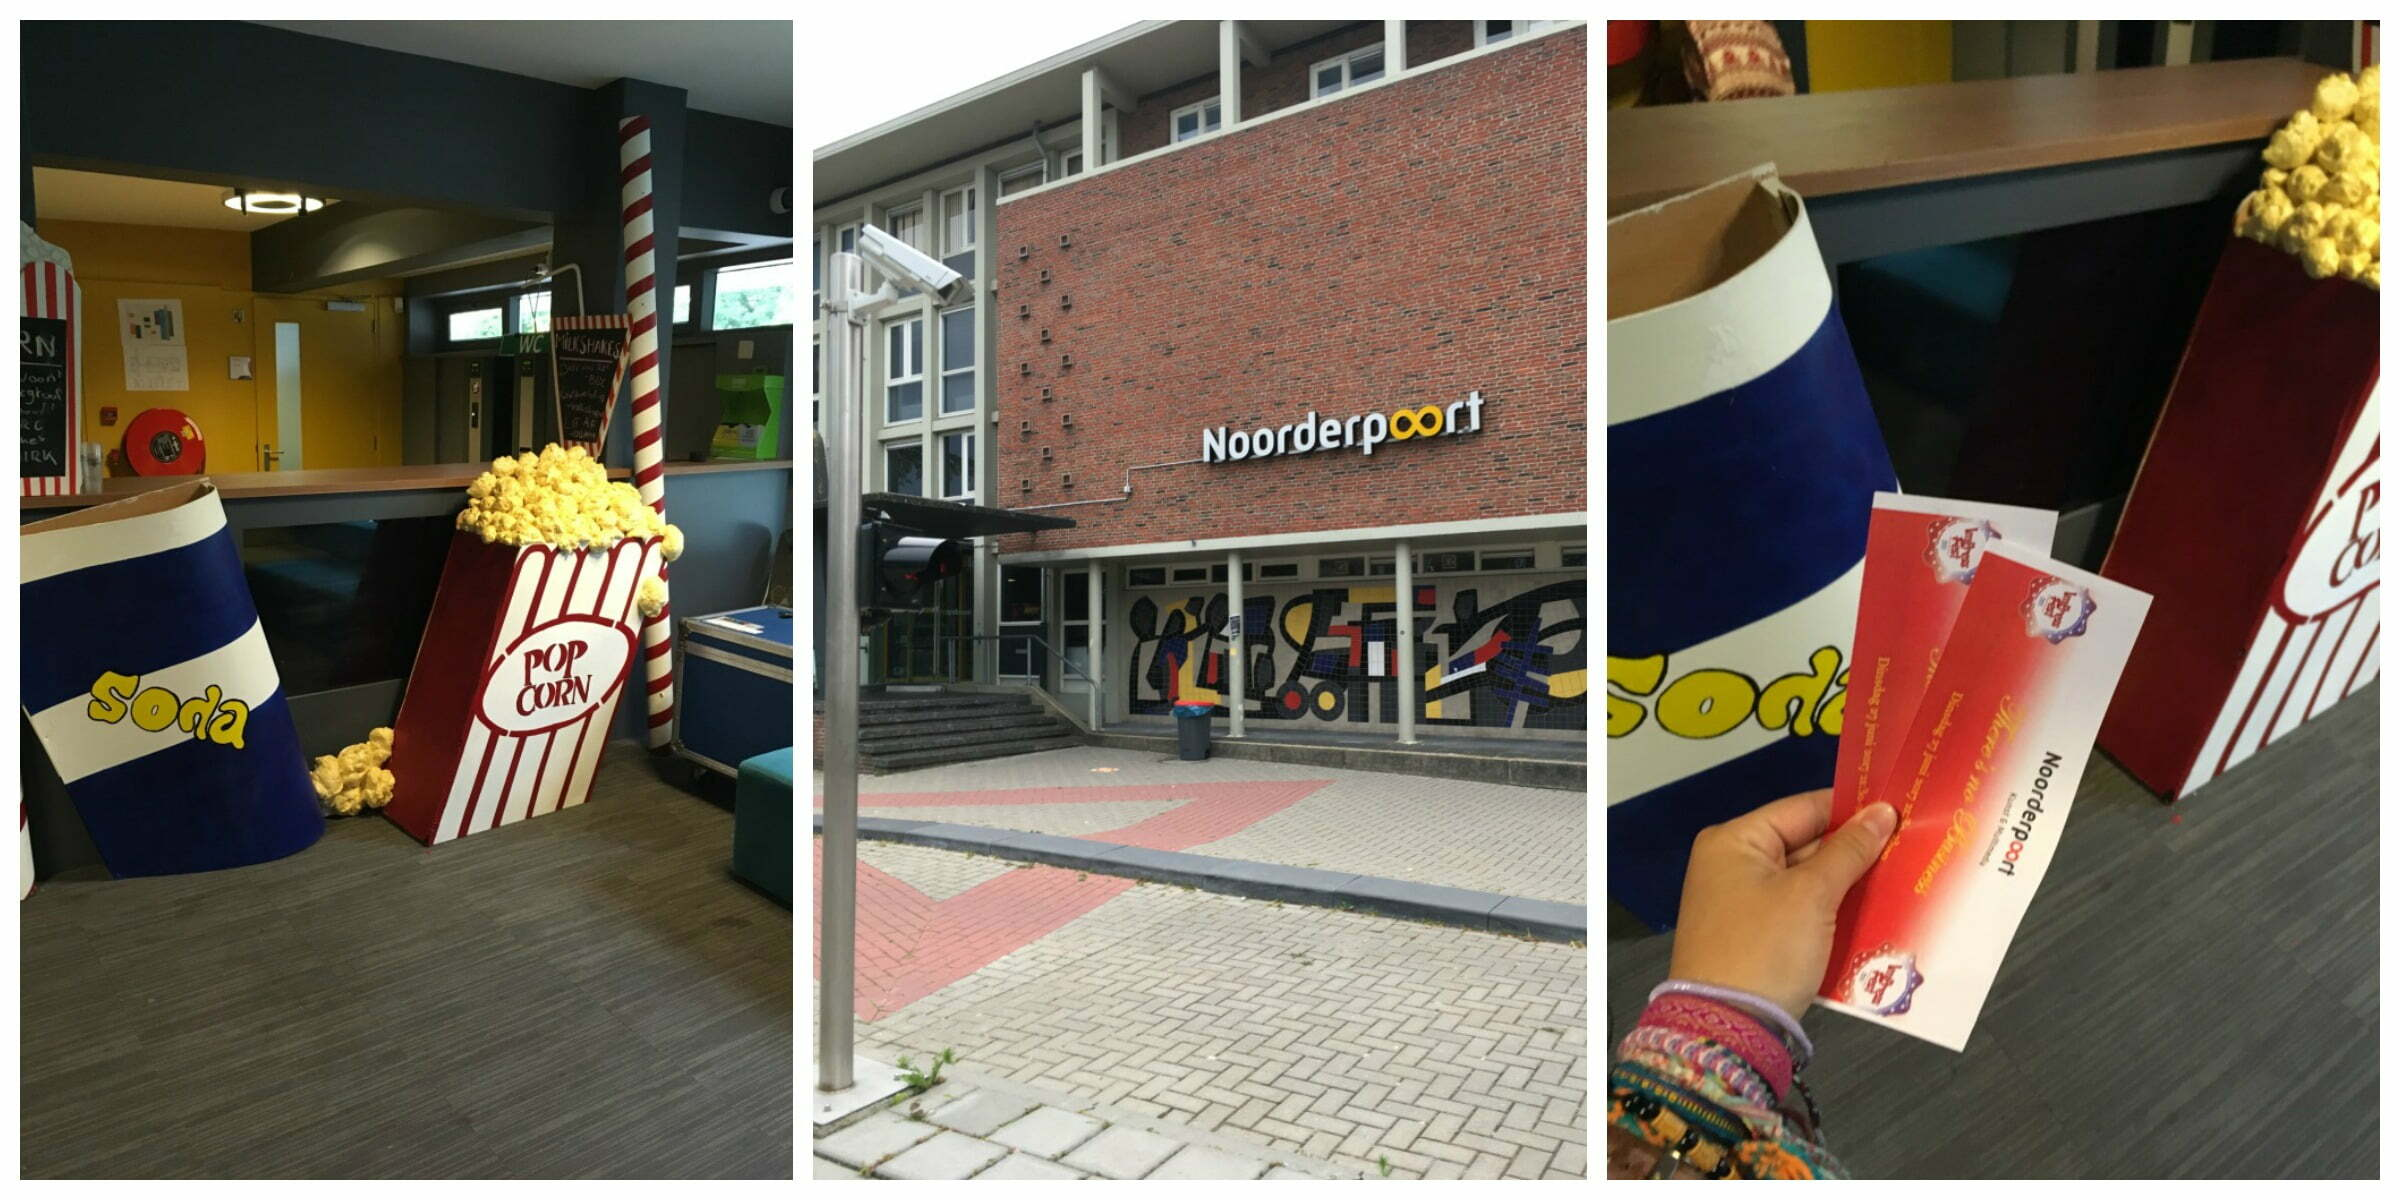 School voor de kunsten Groningen